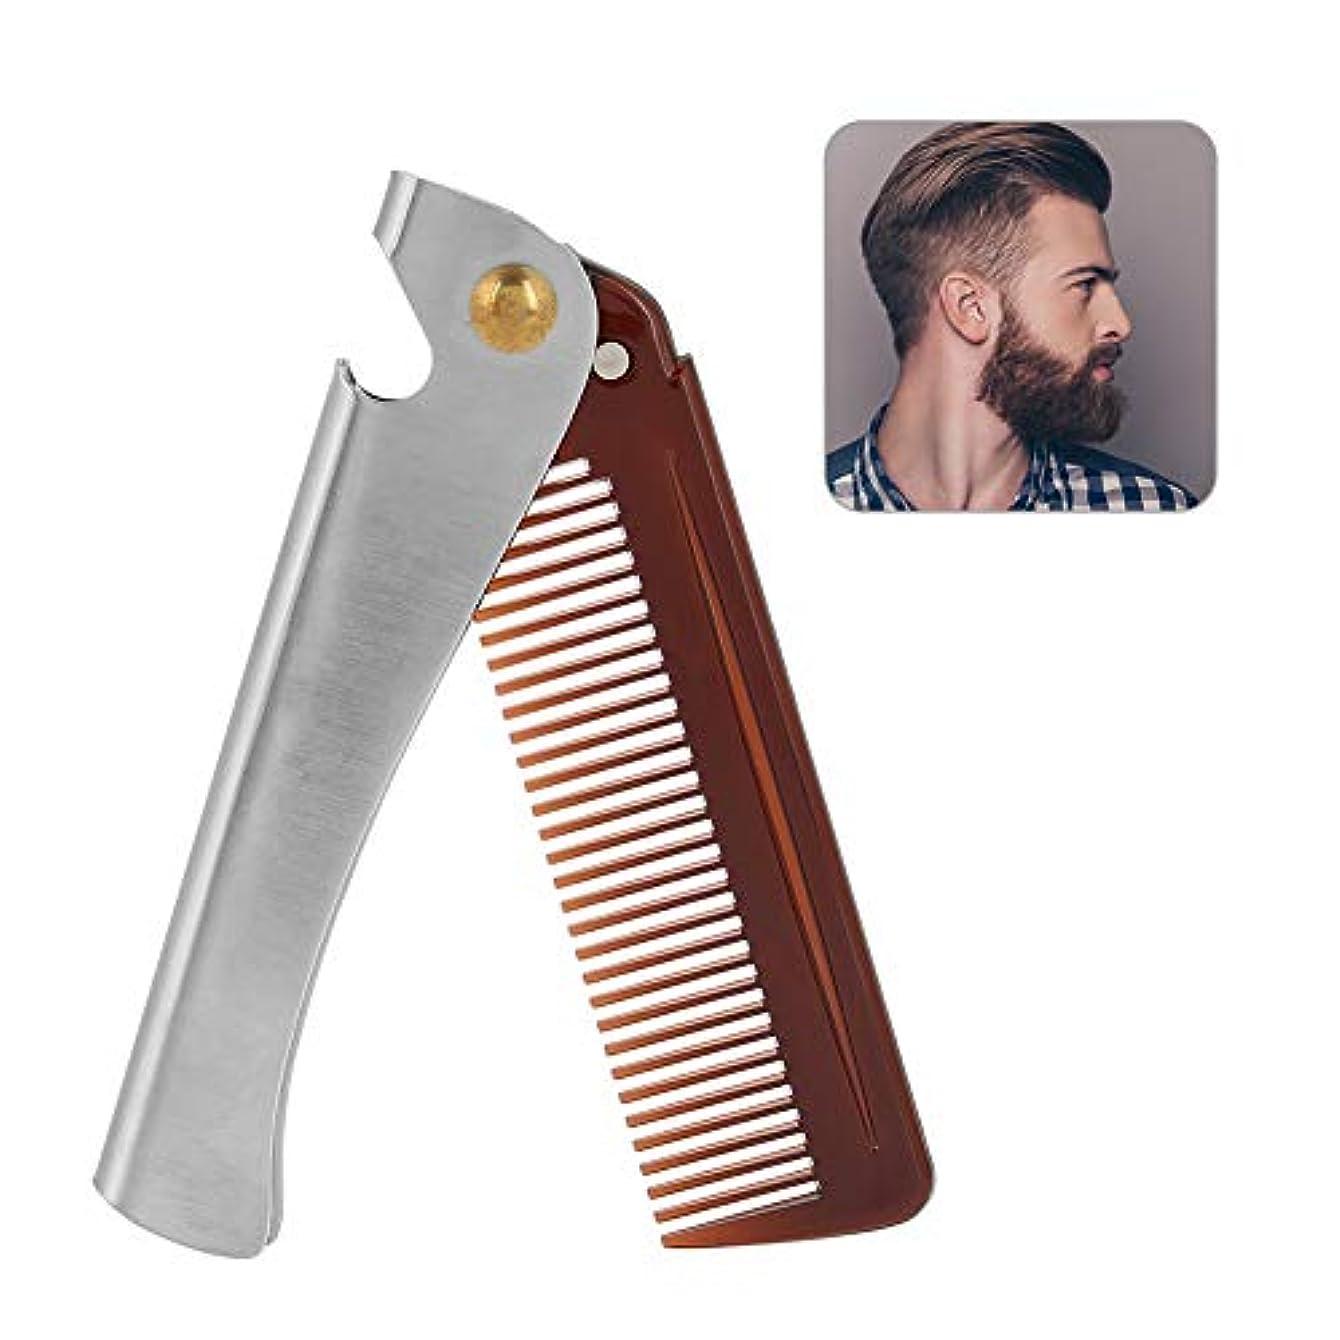 有毒なスナップ施し男性用のひげとヘアケア折りたたみ櫛と春押しボタン